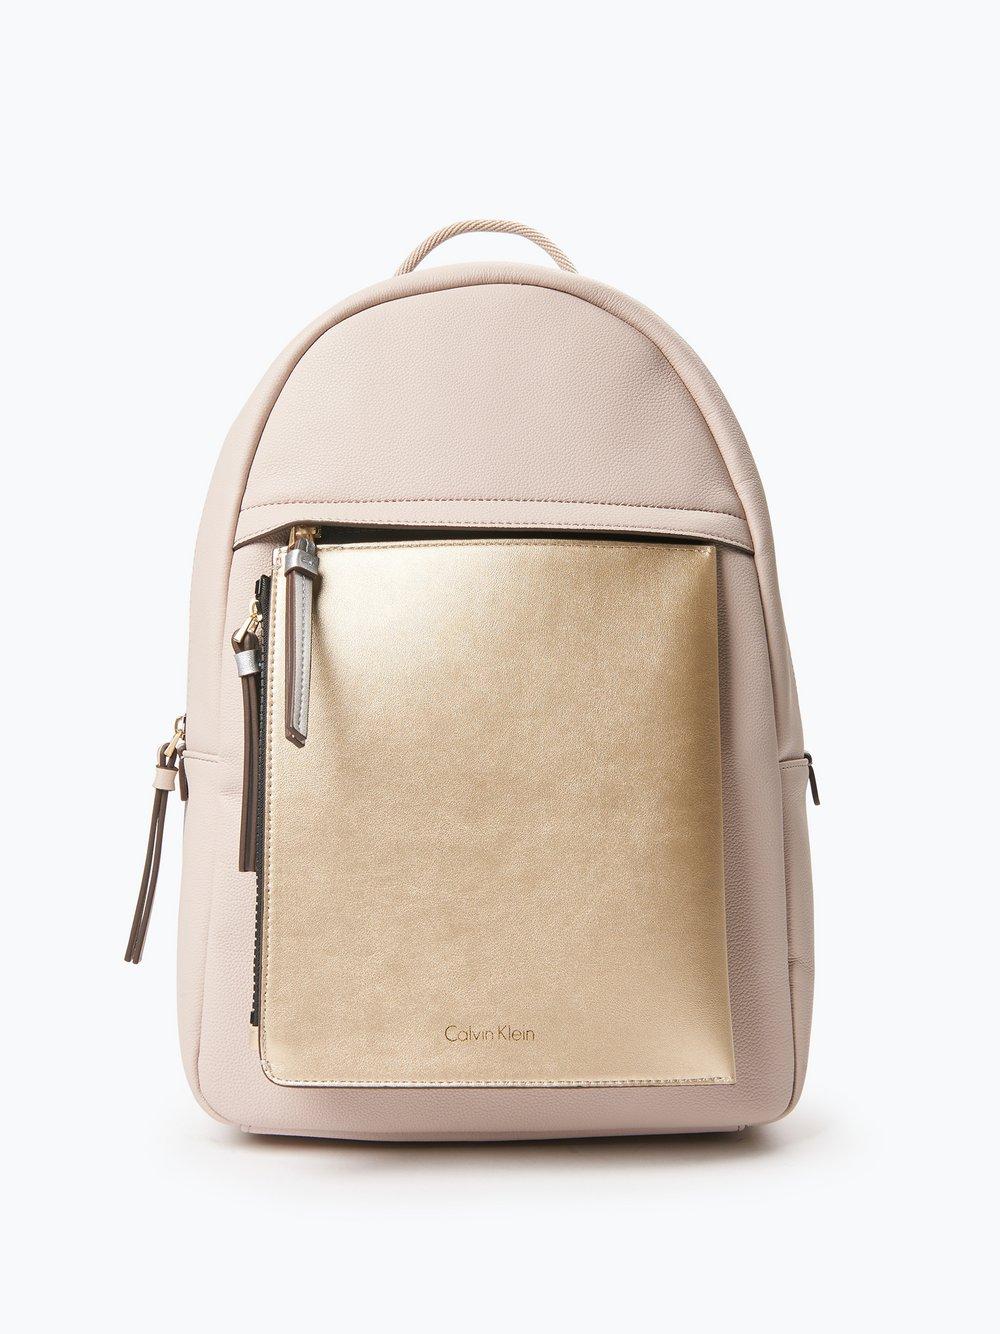 0cc0ddac18 Calvin Klein Damen Rucksack in Leder-Optik online kaufen | PEEK-UND ...